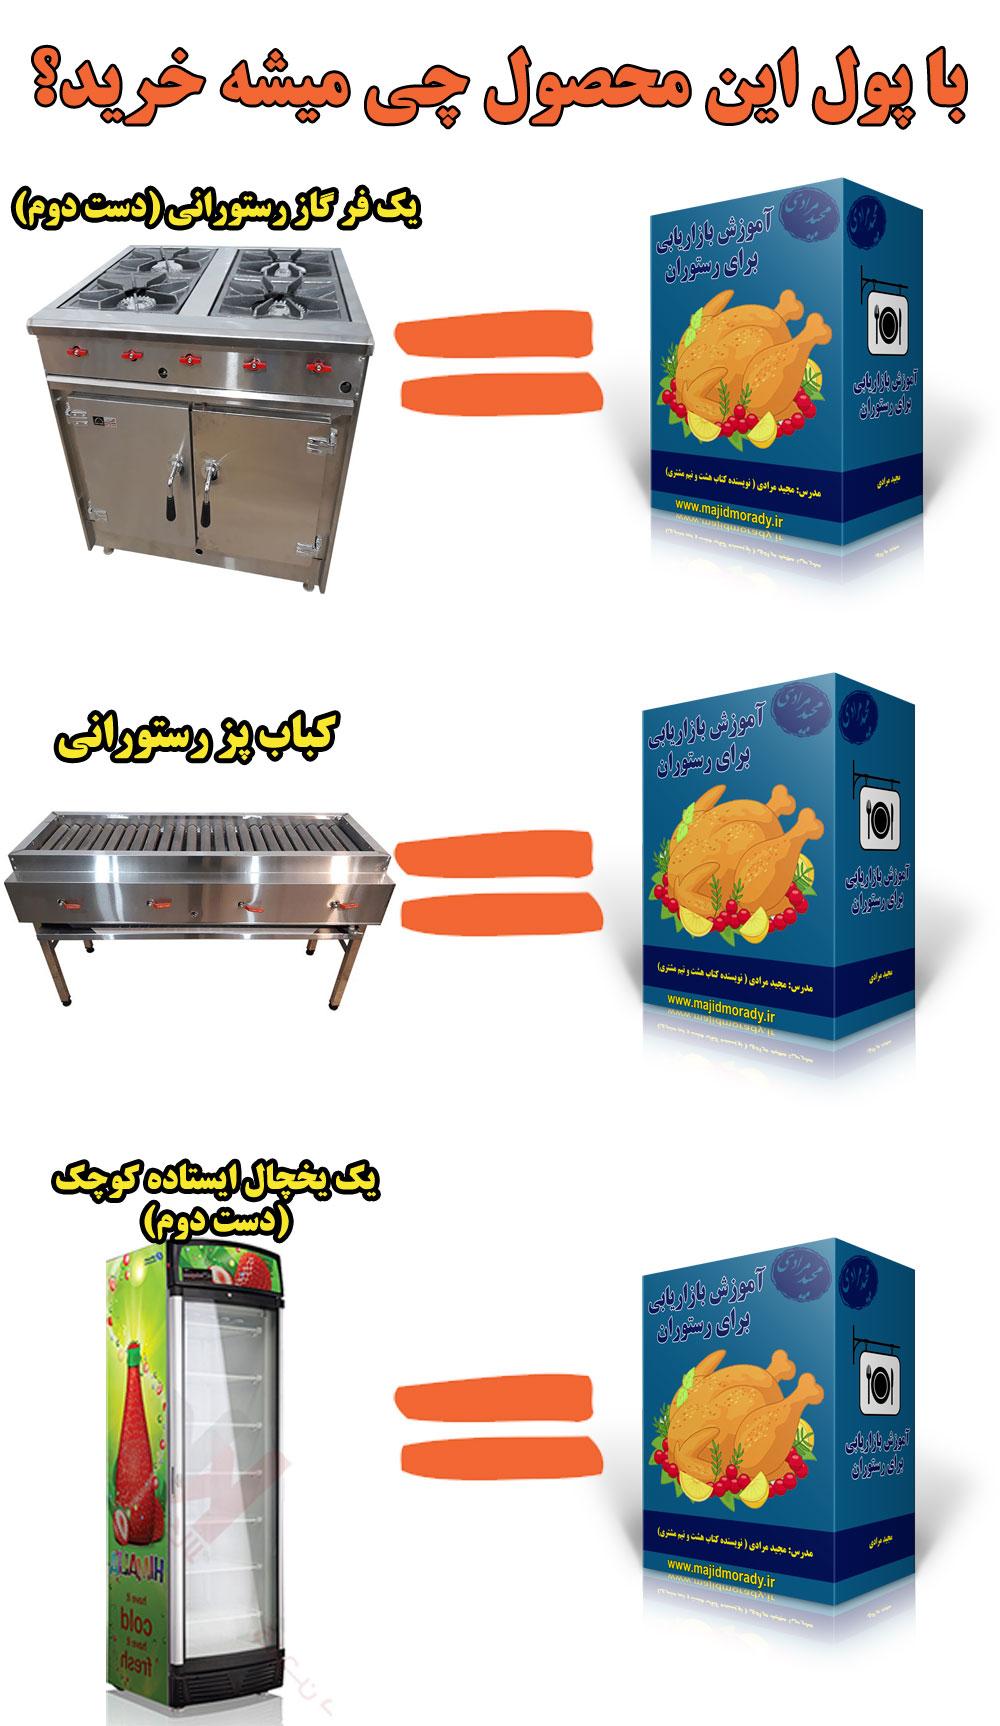 آموزش بازاریابی رستوران